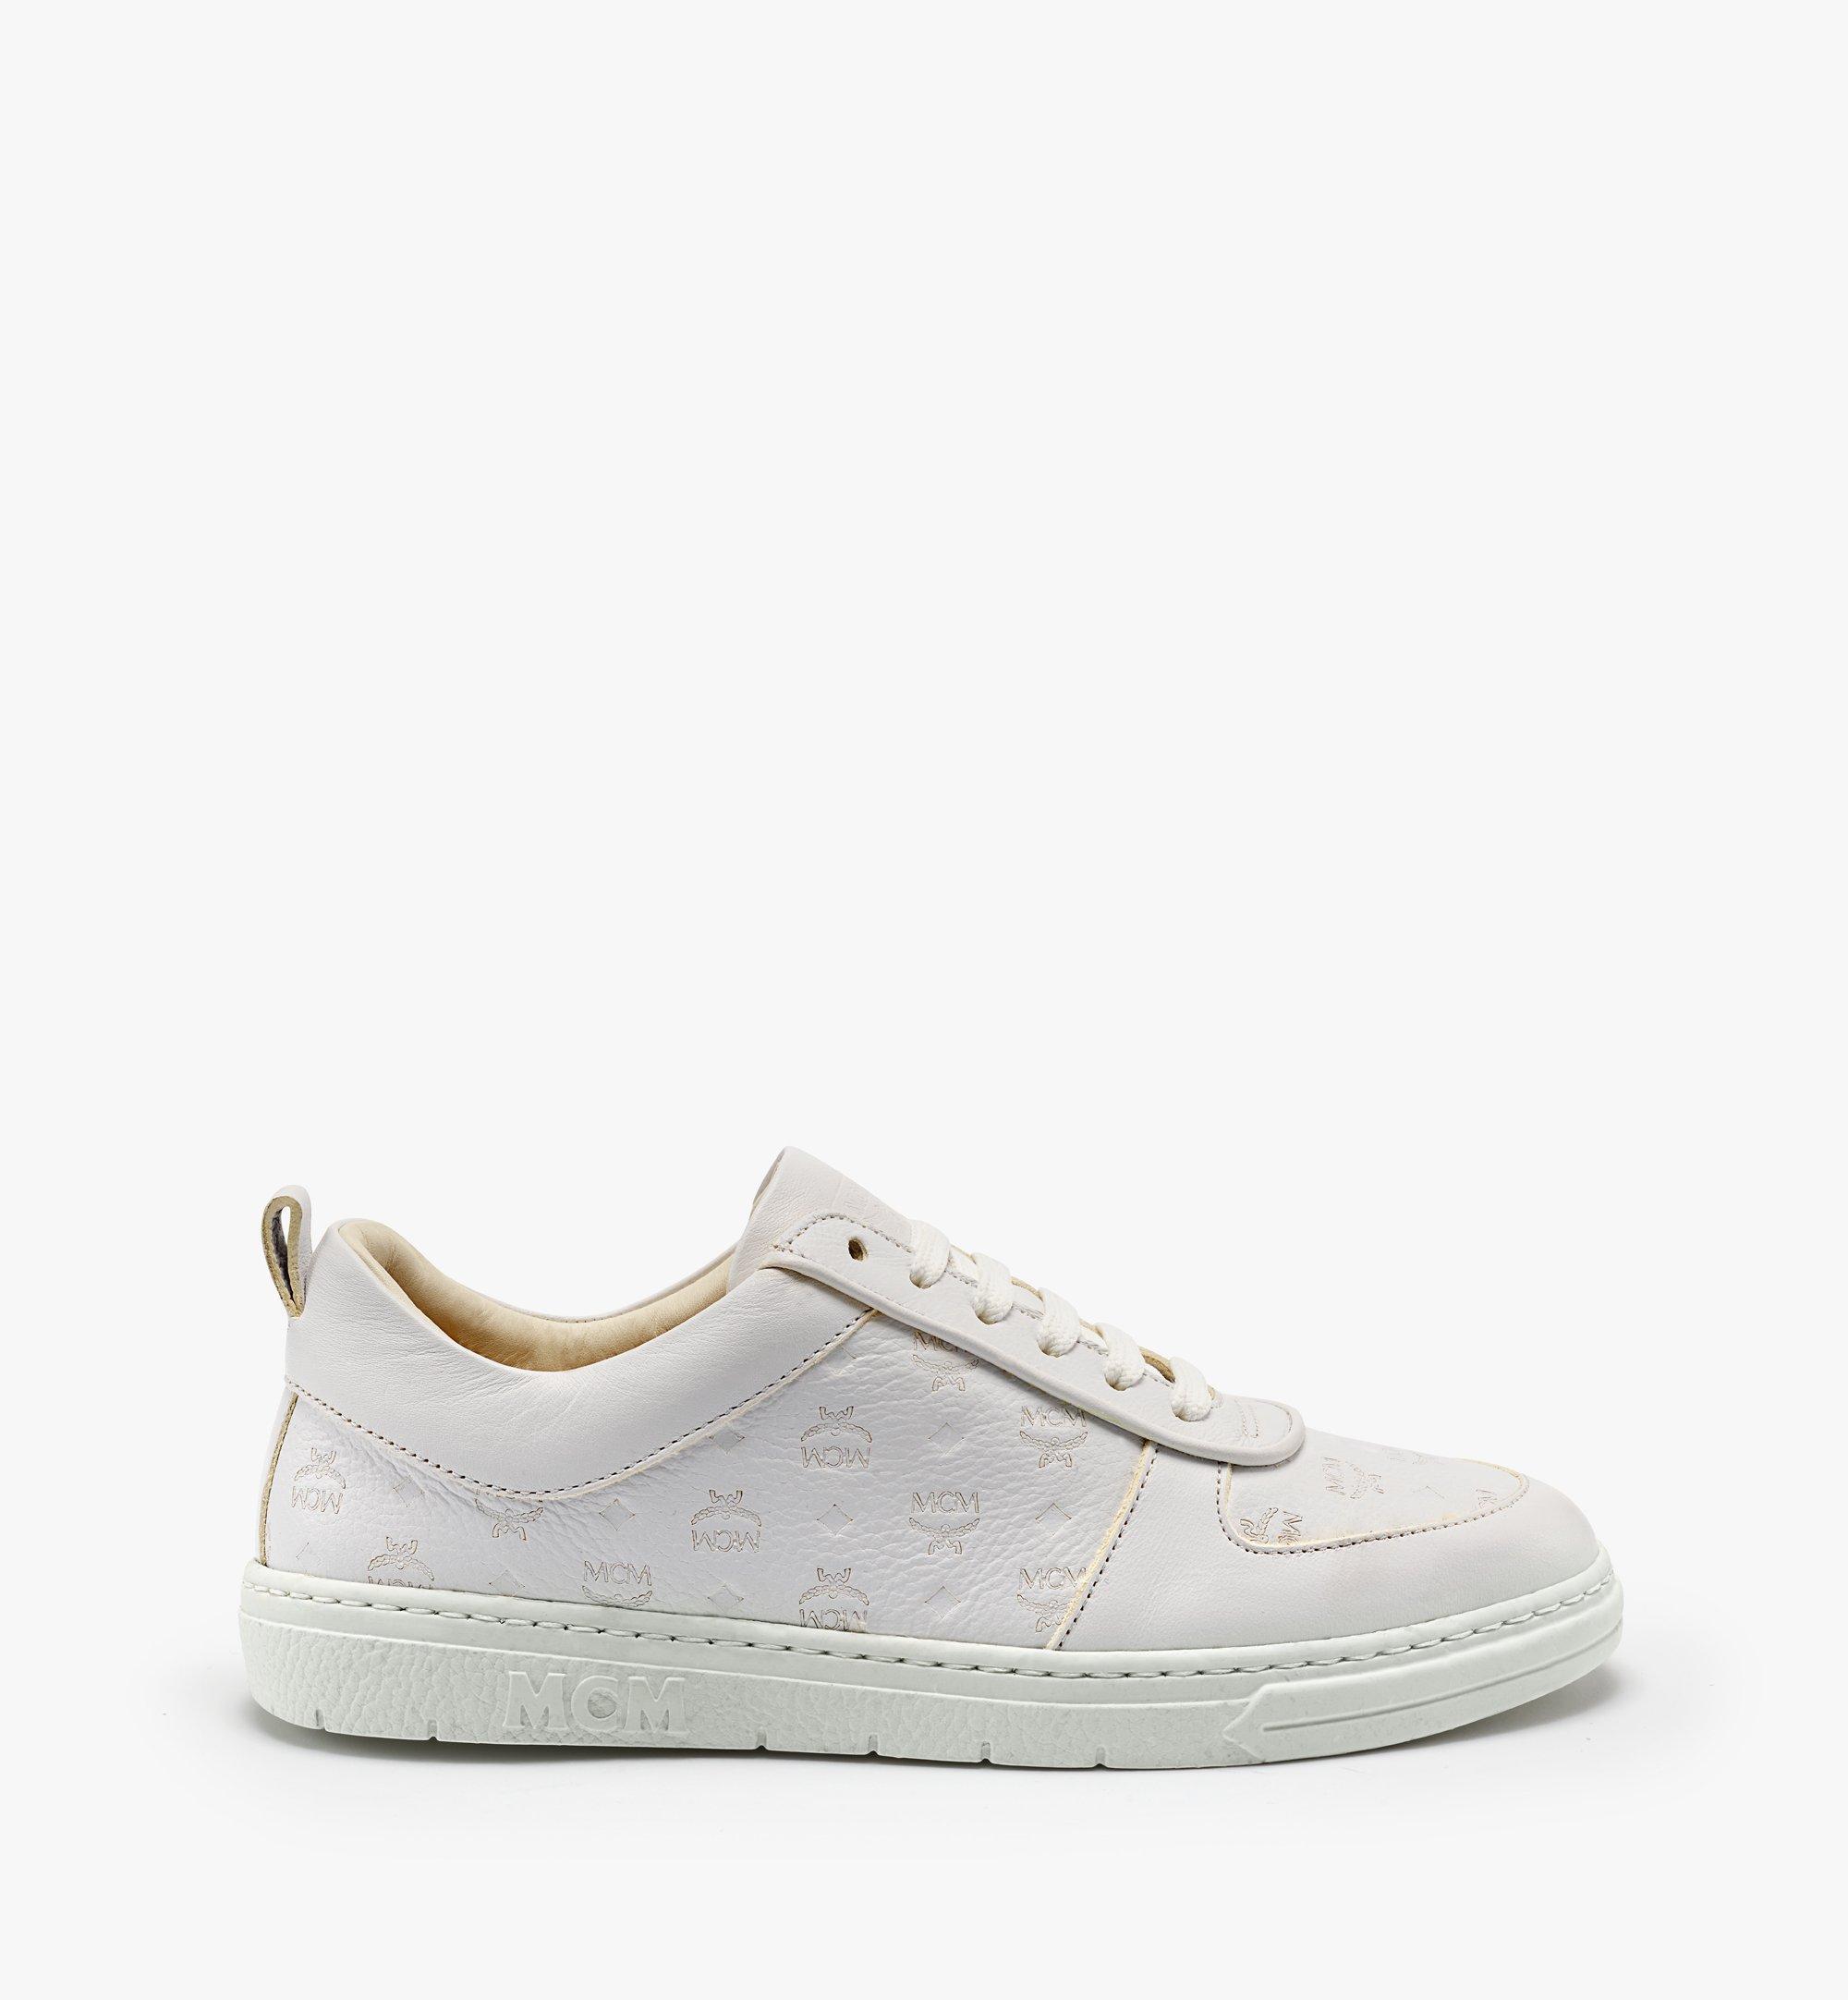 MCM 女士Terrain经典花纹皮革环保低帮运动鞋 White MESBSMM09WT035 更多视角 1